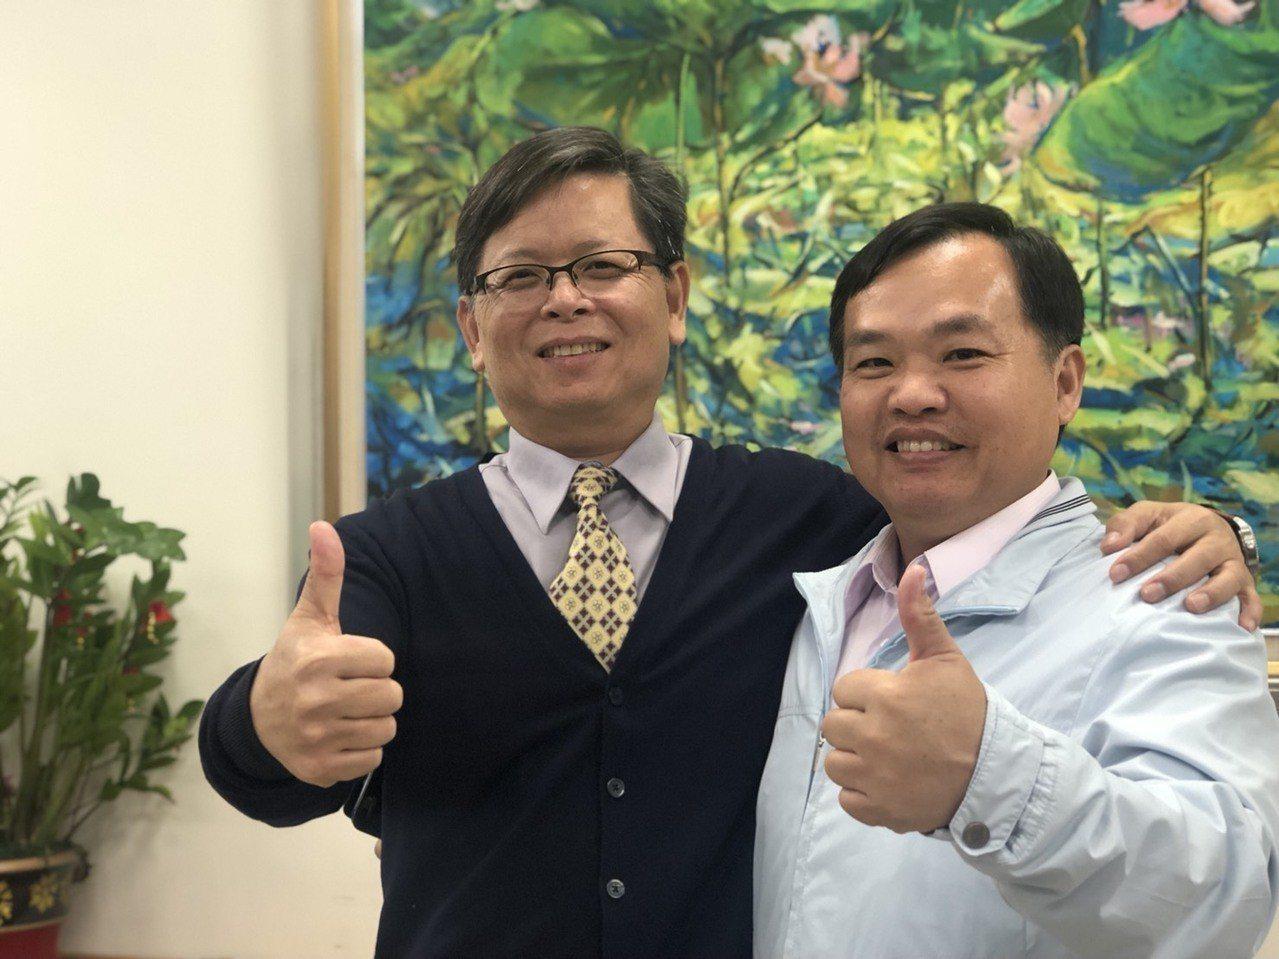 嘉義市垂楊國小校長周孟志(左)、博愛國小校長張英裕同樣出身雲林縣水林鄉,兩人的父...